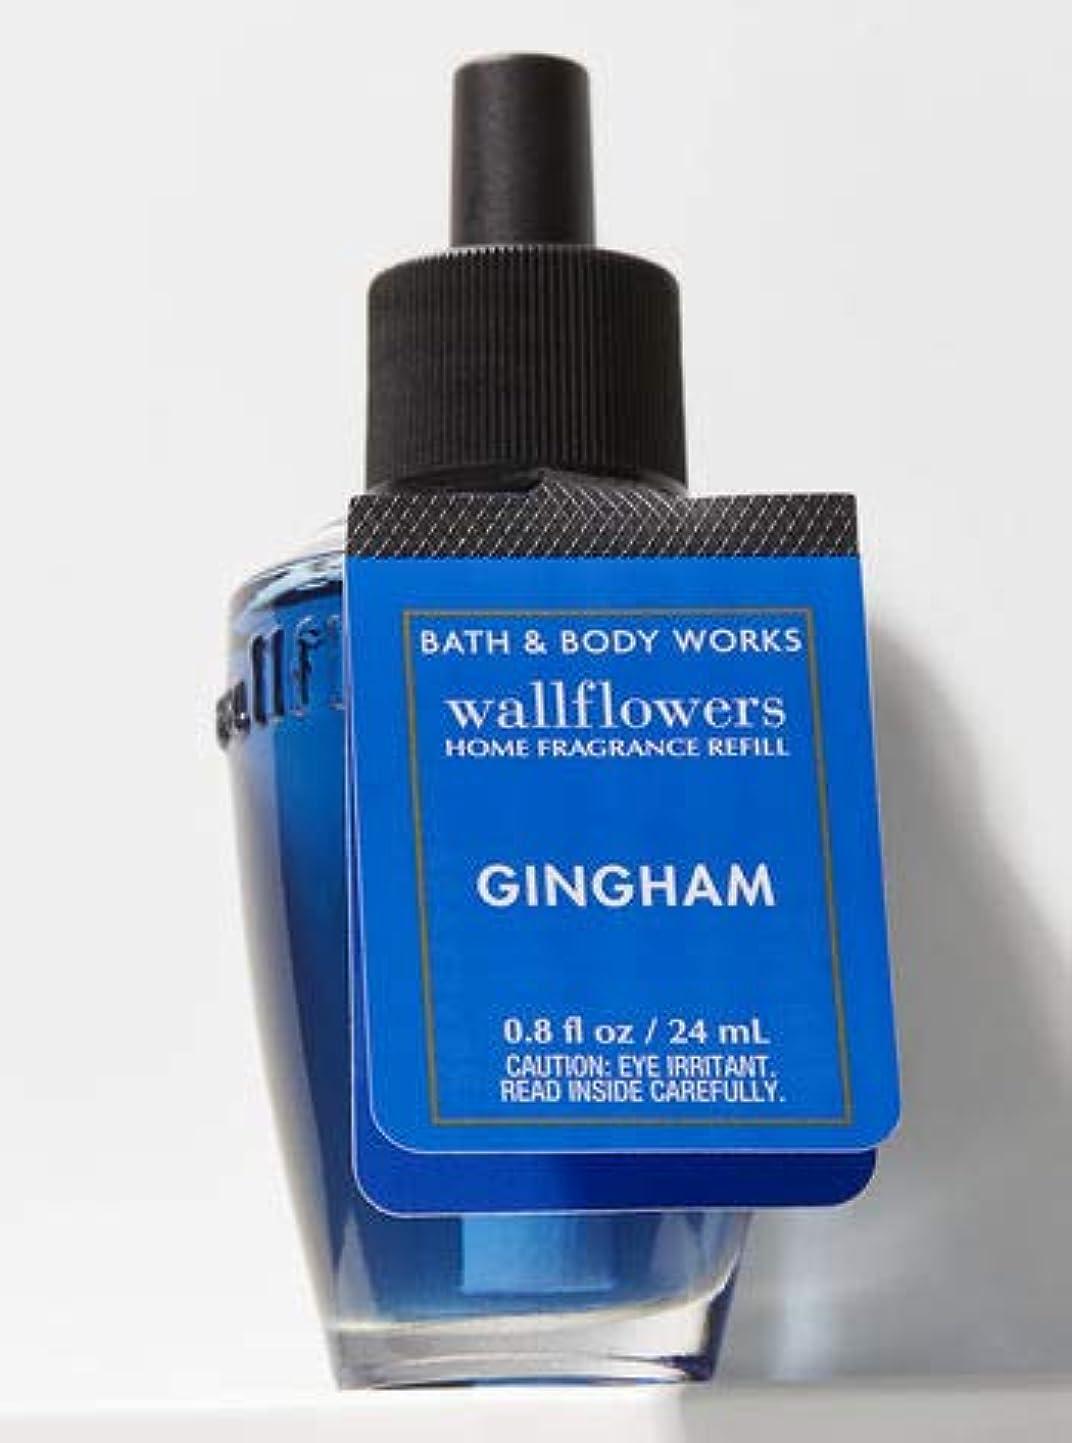 気味の悪い出発する三番【Bath&Body Works/バス&ボディワークス】 ルームフレグランス 詰替えリフィル ギンガム Wallflowers Home Fragrance Refill Gingham [並行輸入品]